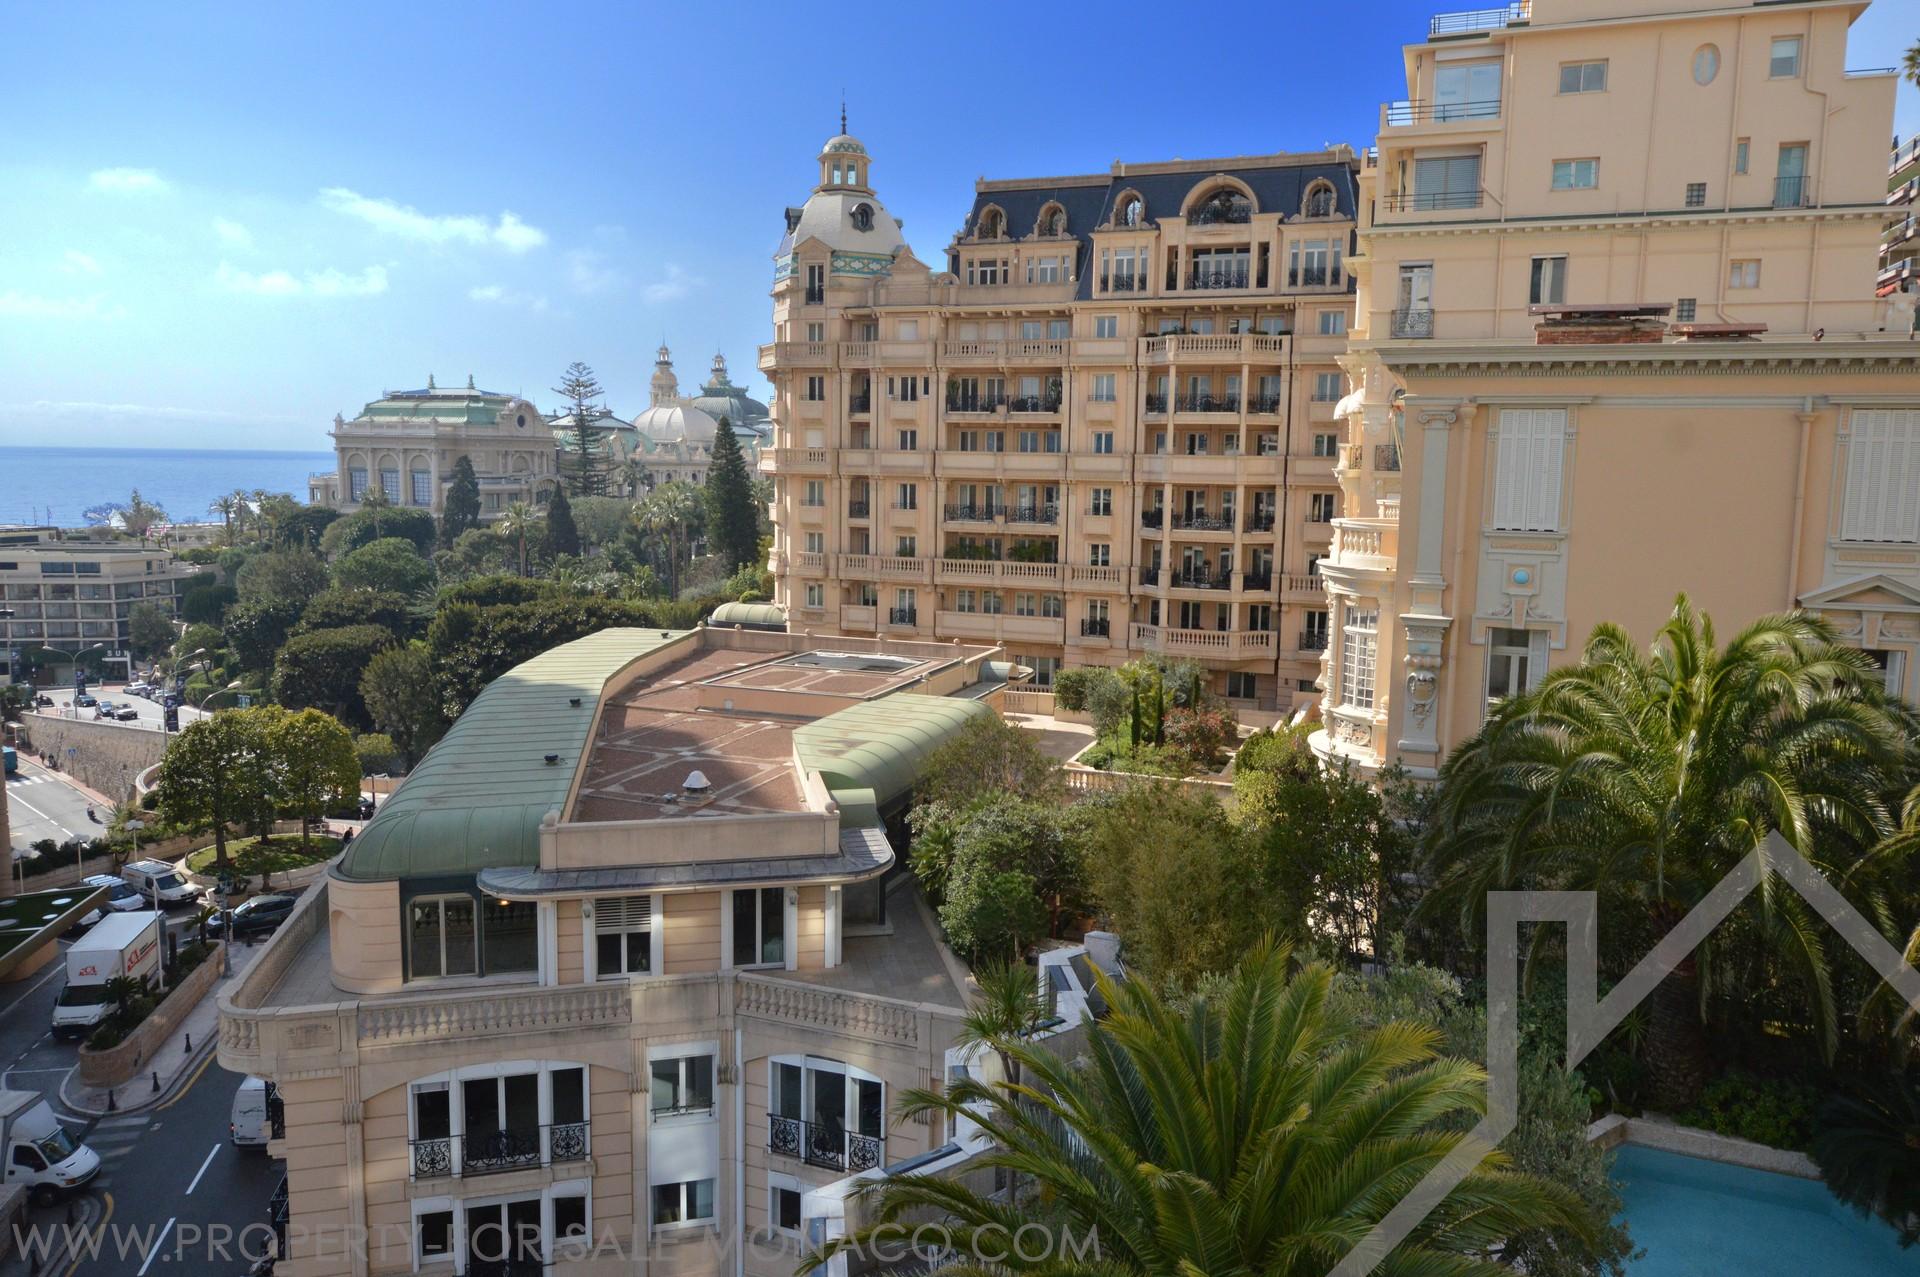 Le prince de galles appartamenti in vendita a montecarlo for Soggiorno a montecarlo